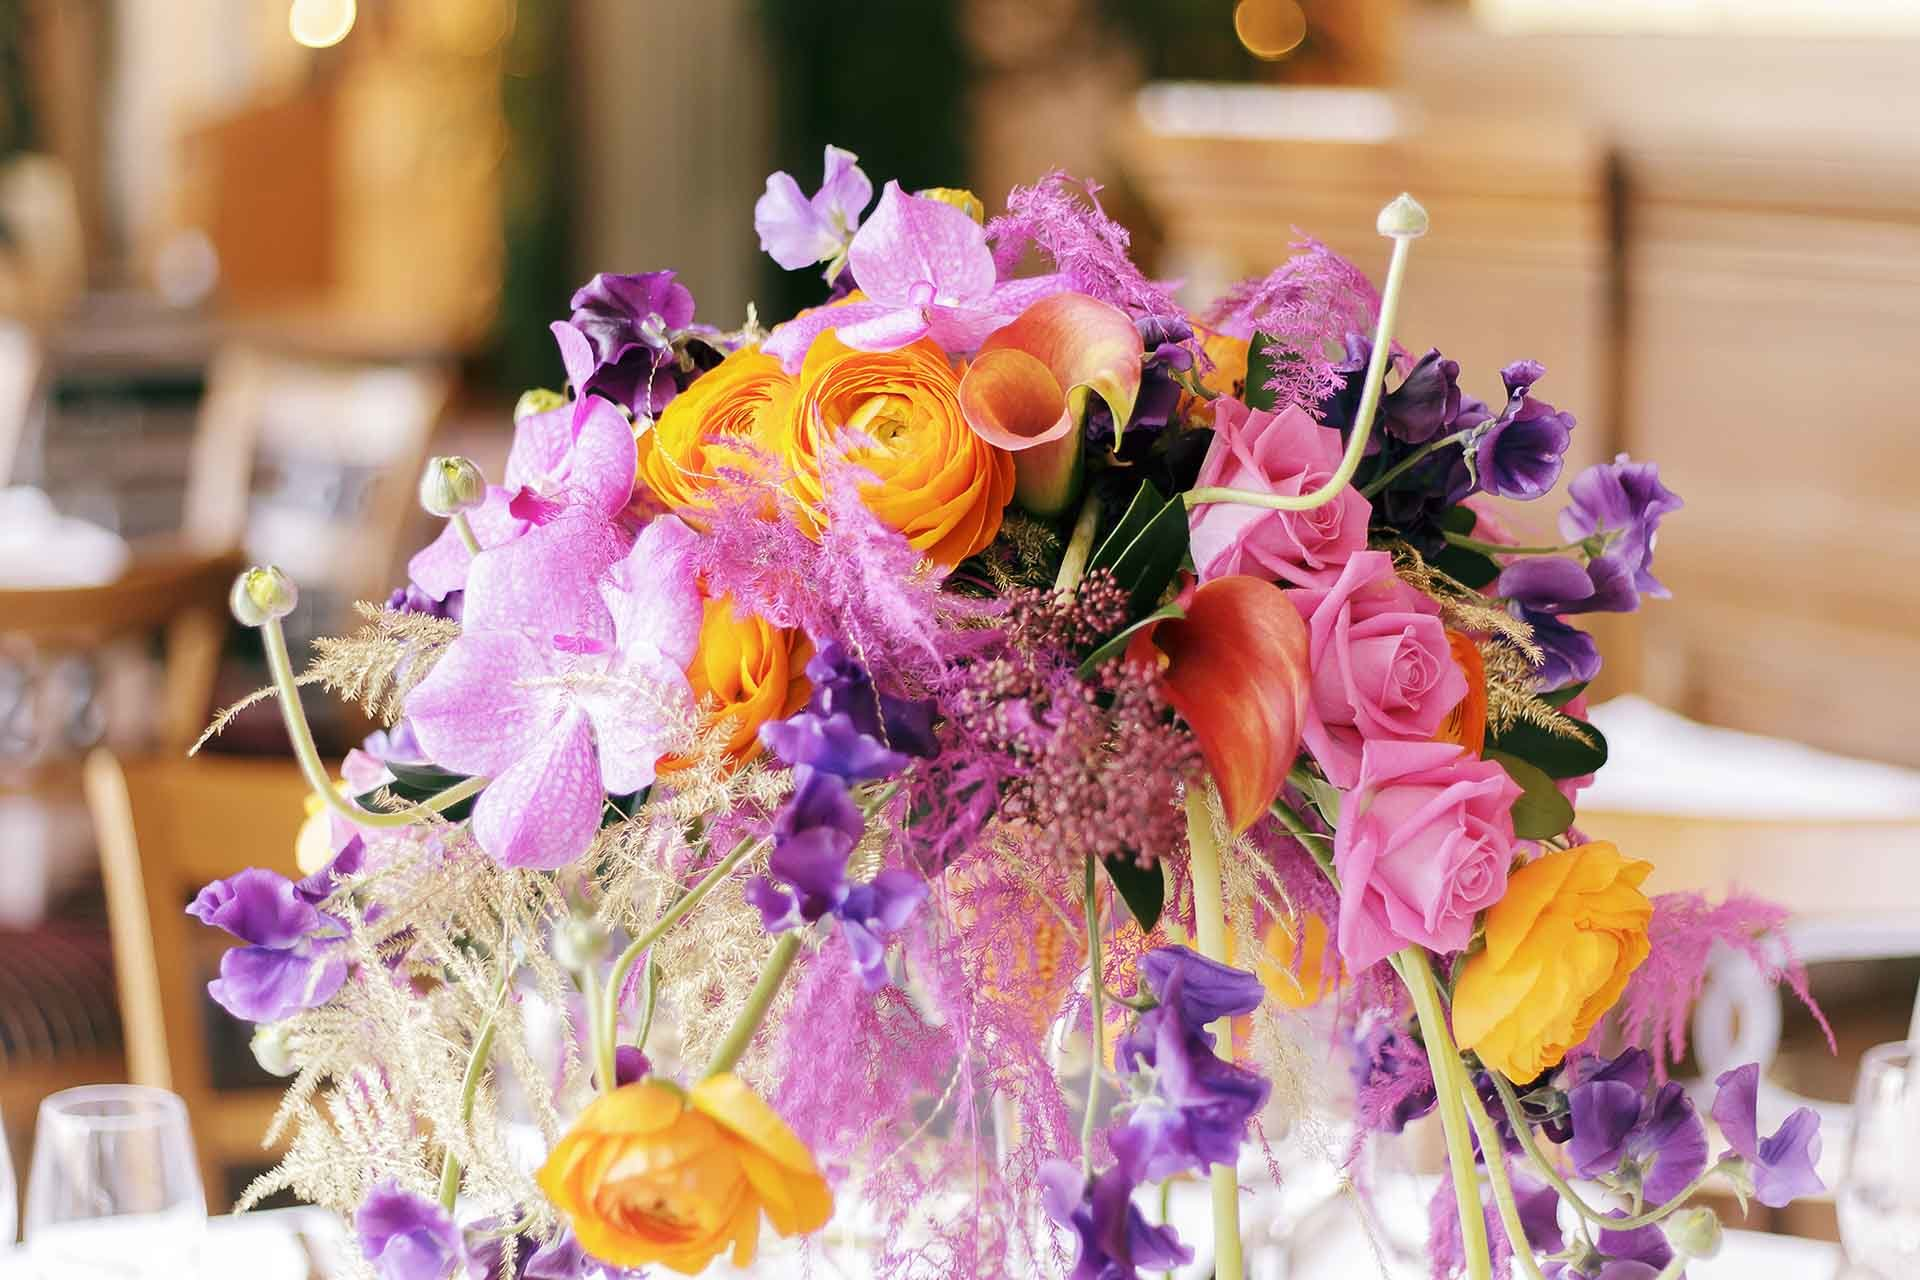 Une composition florale créative et équilibrée